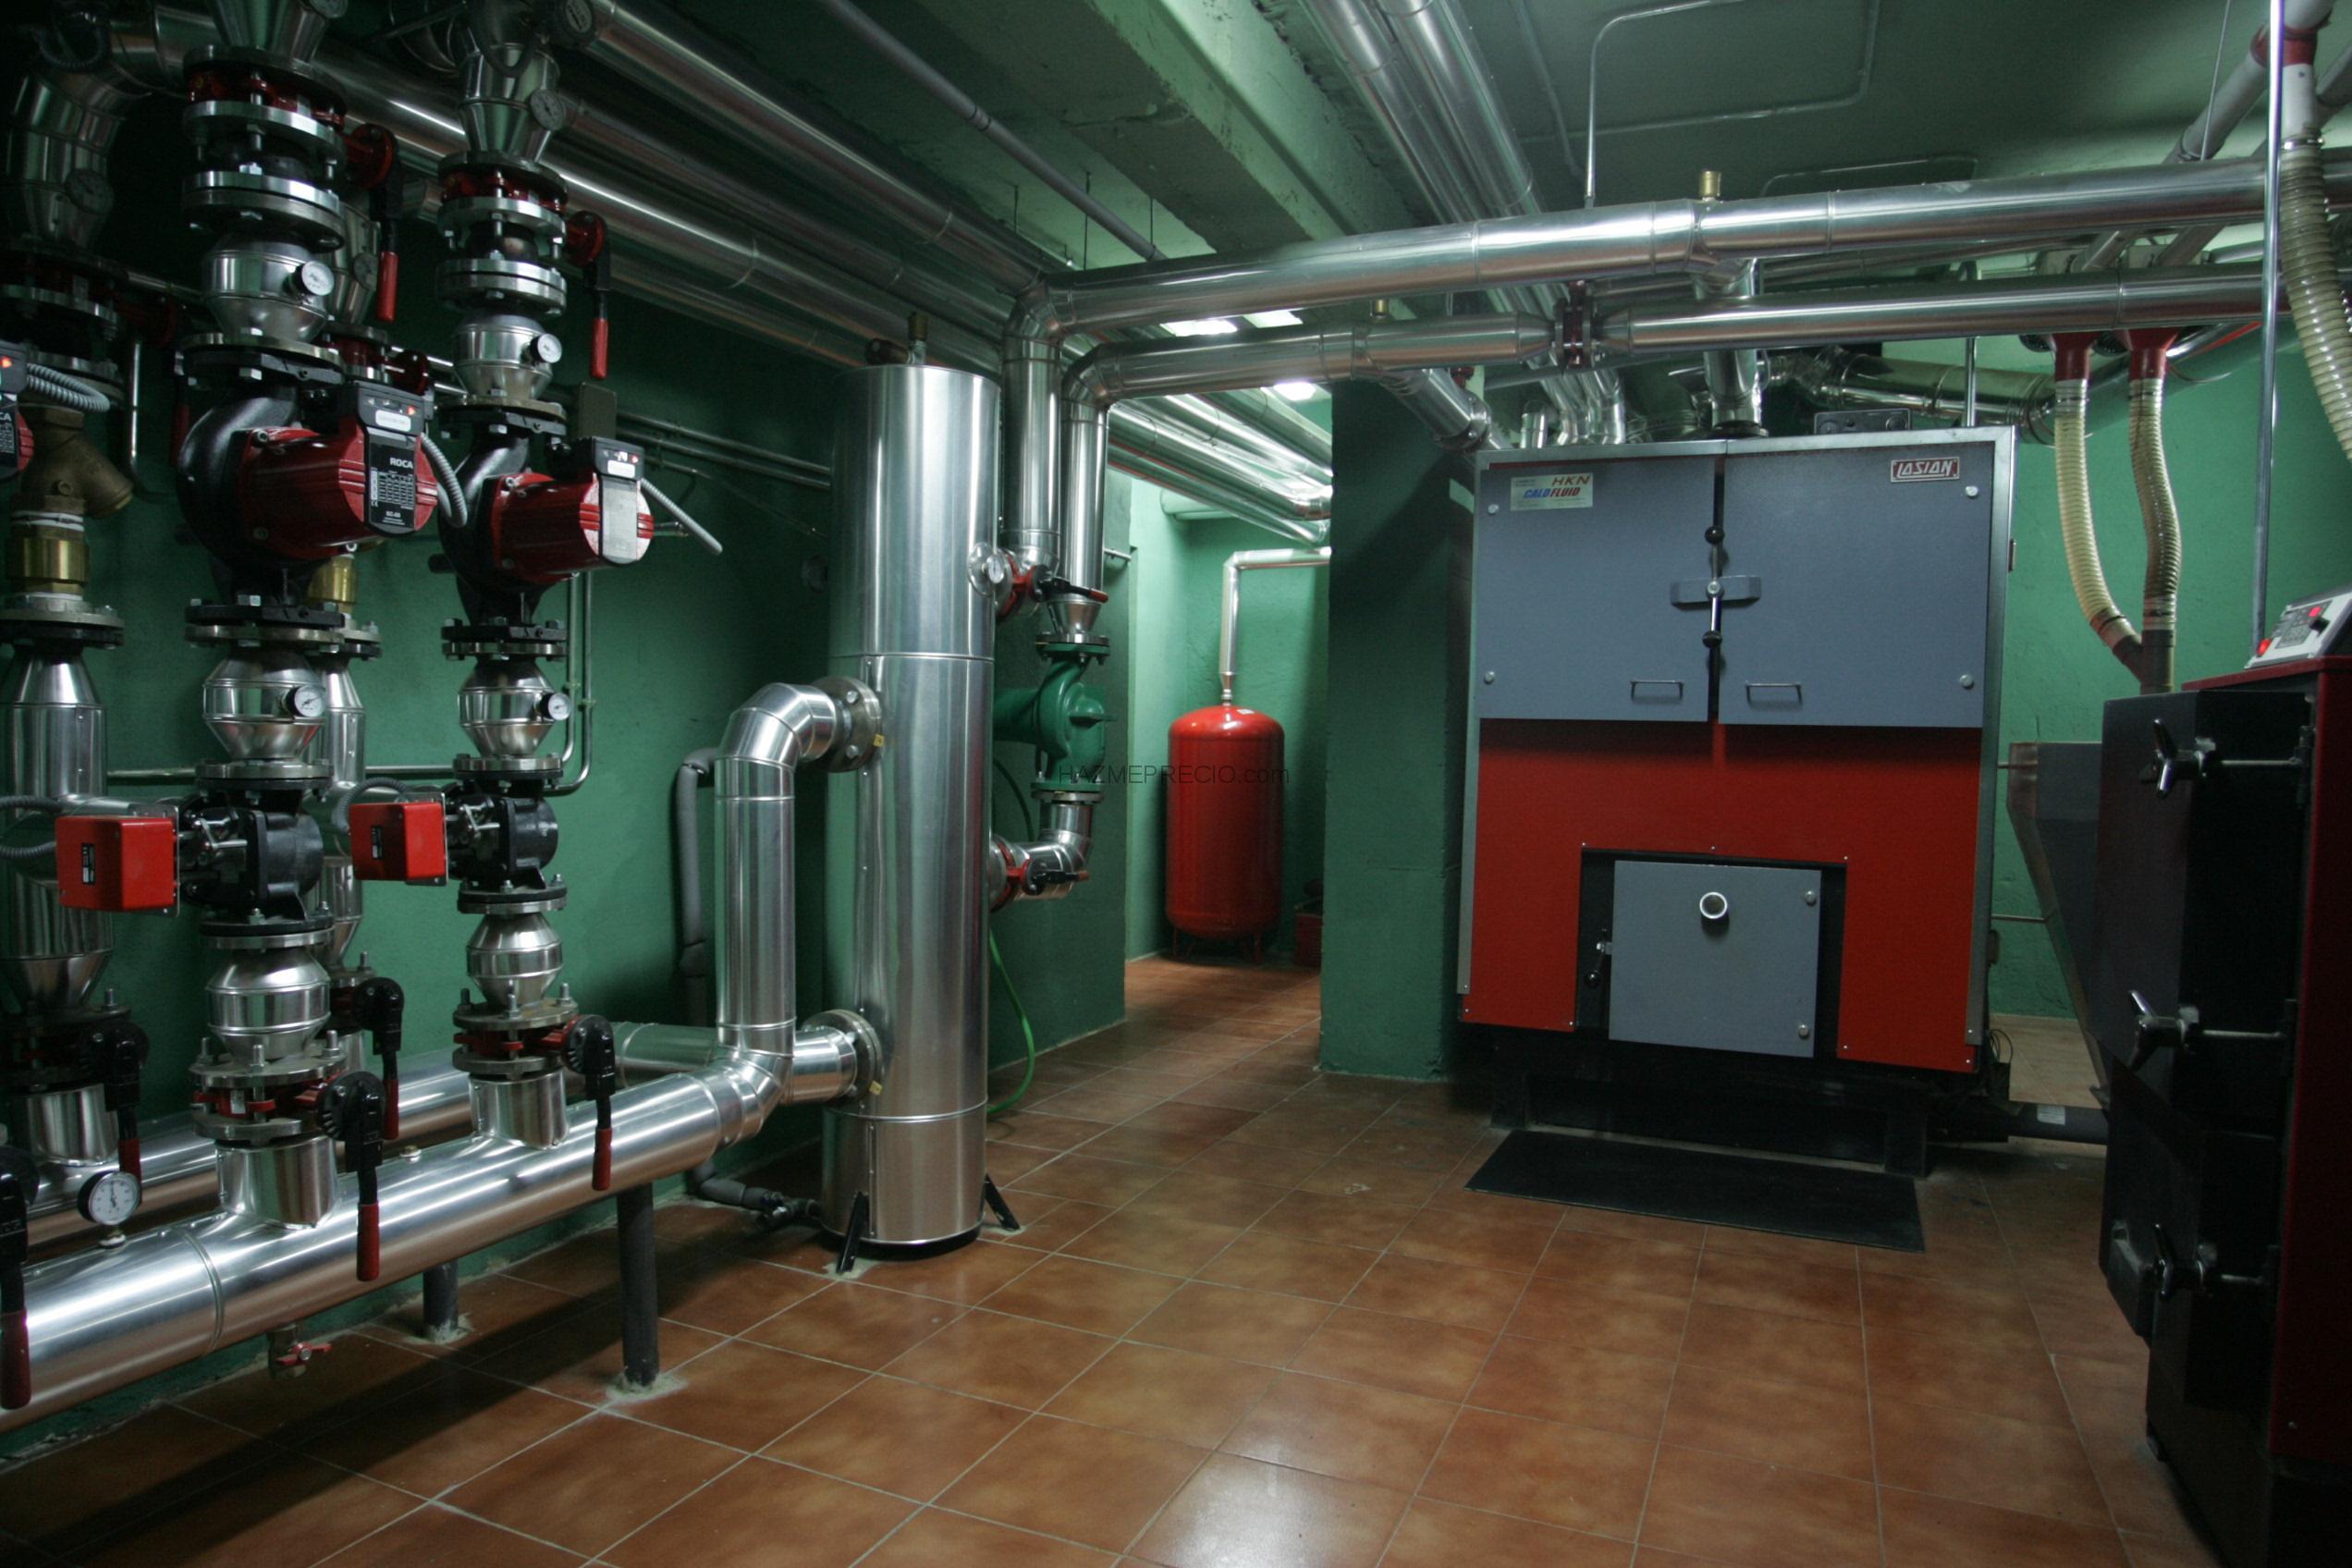 Empresas de calefaccion en madrid capital for Calderas para calefaccion